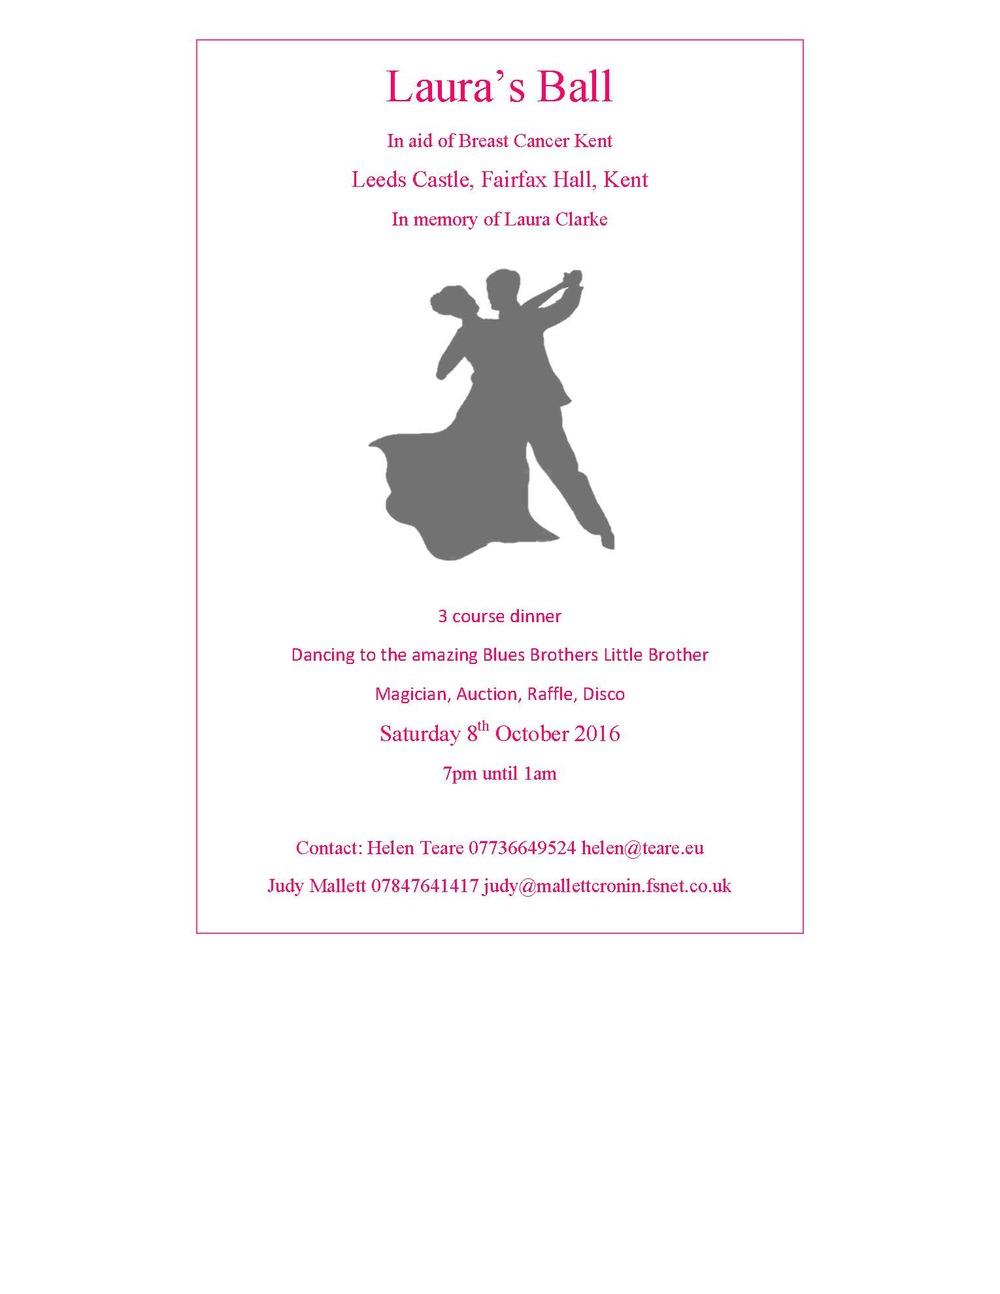 BCK Laura's Ball flyer 2016.jpg